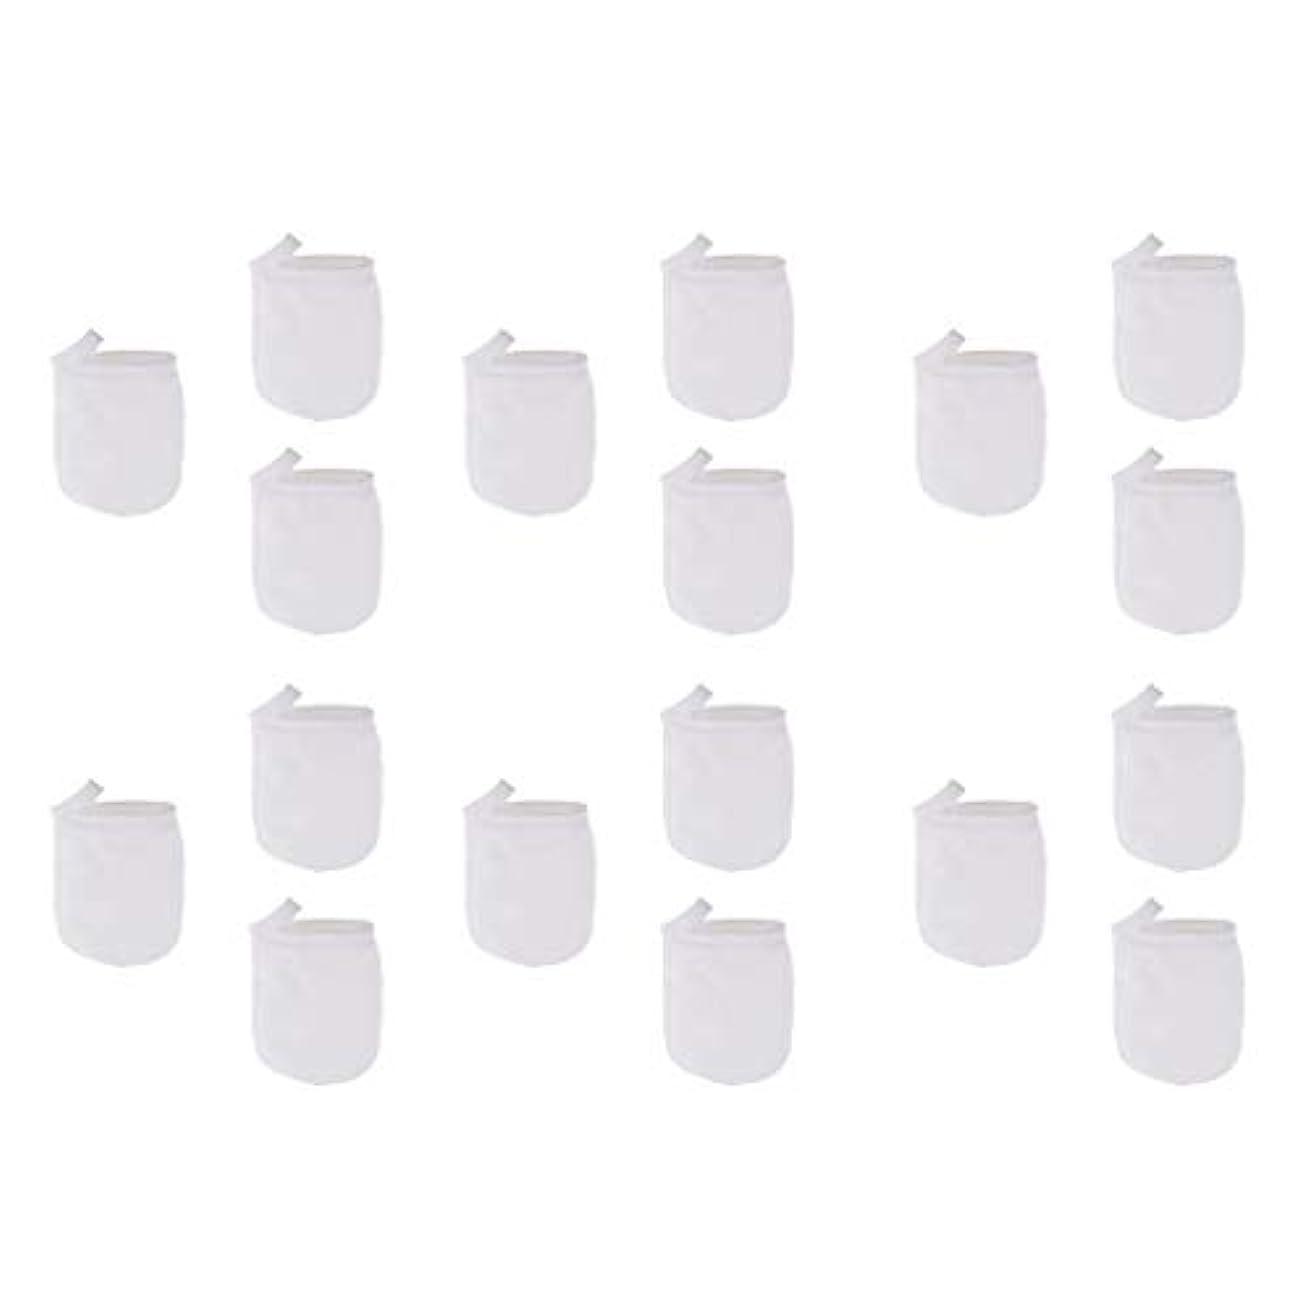 メイドキュービックアルバムT TOOYFUL 洗顔手袋 洗顔グローブ クレンジンググローブ メイク落とし手袋 マイクロファイバー 約18個パック